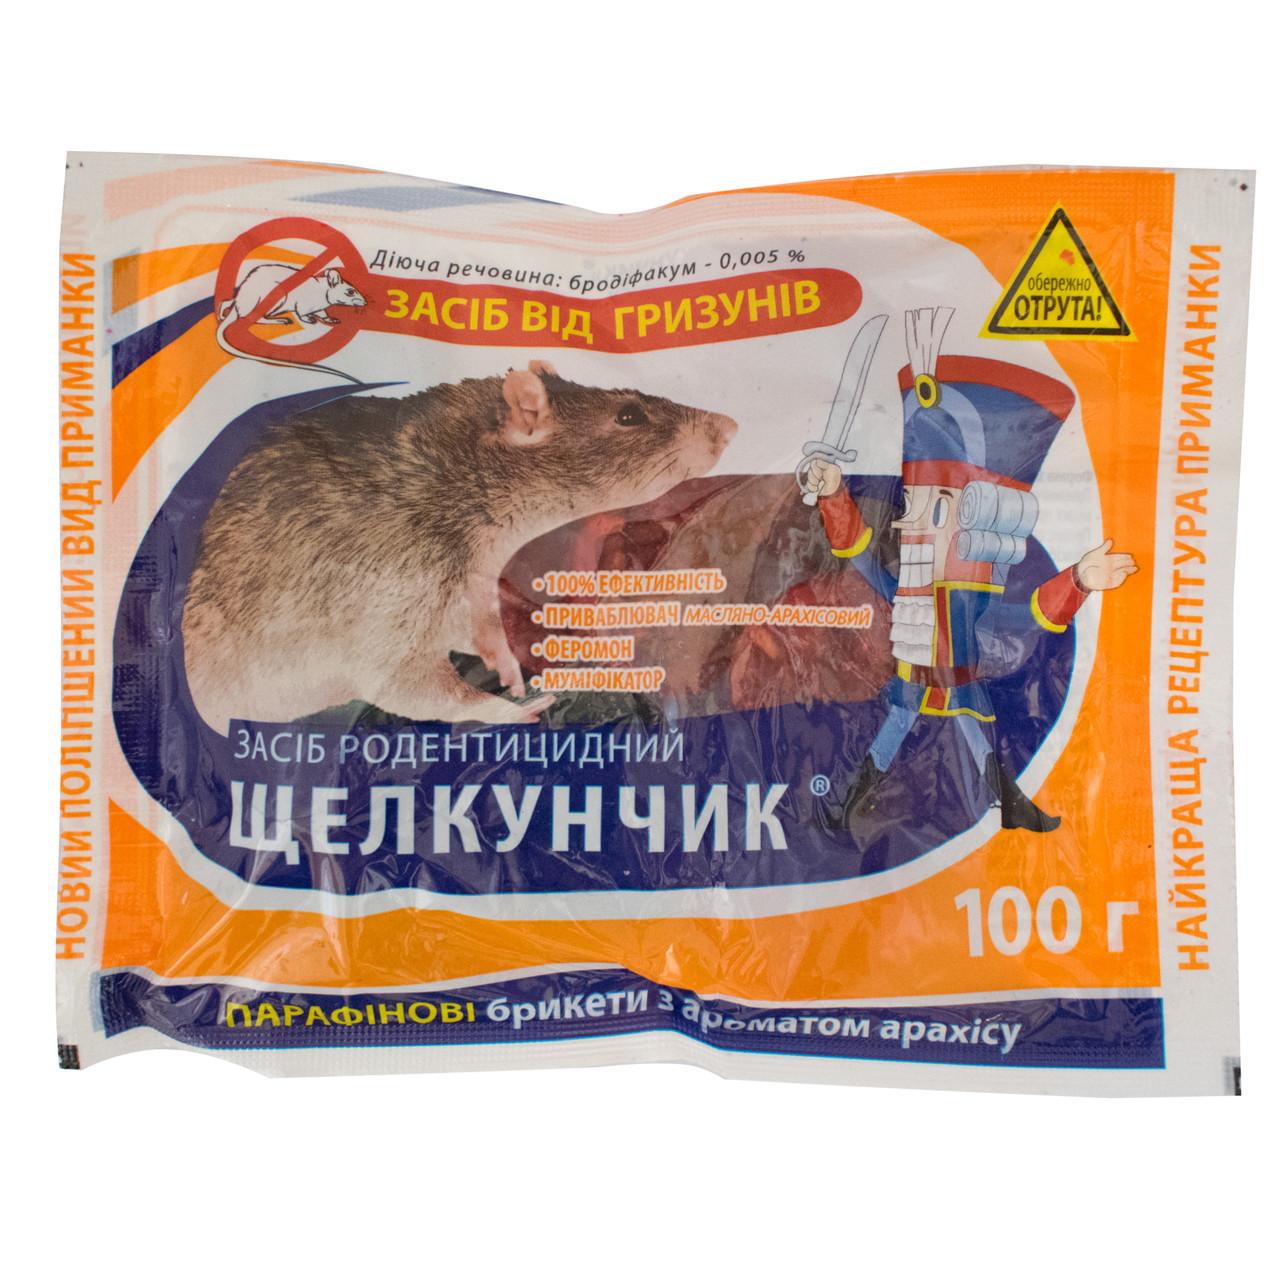 Парафиновые брикеты от крыс и мышей Щелкунчик 100 г